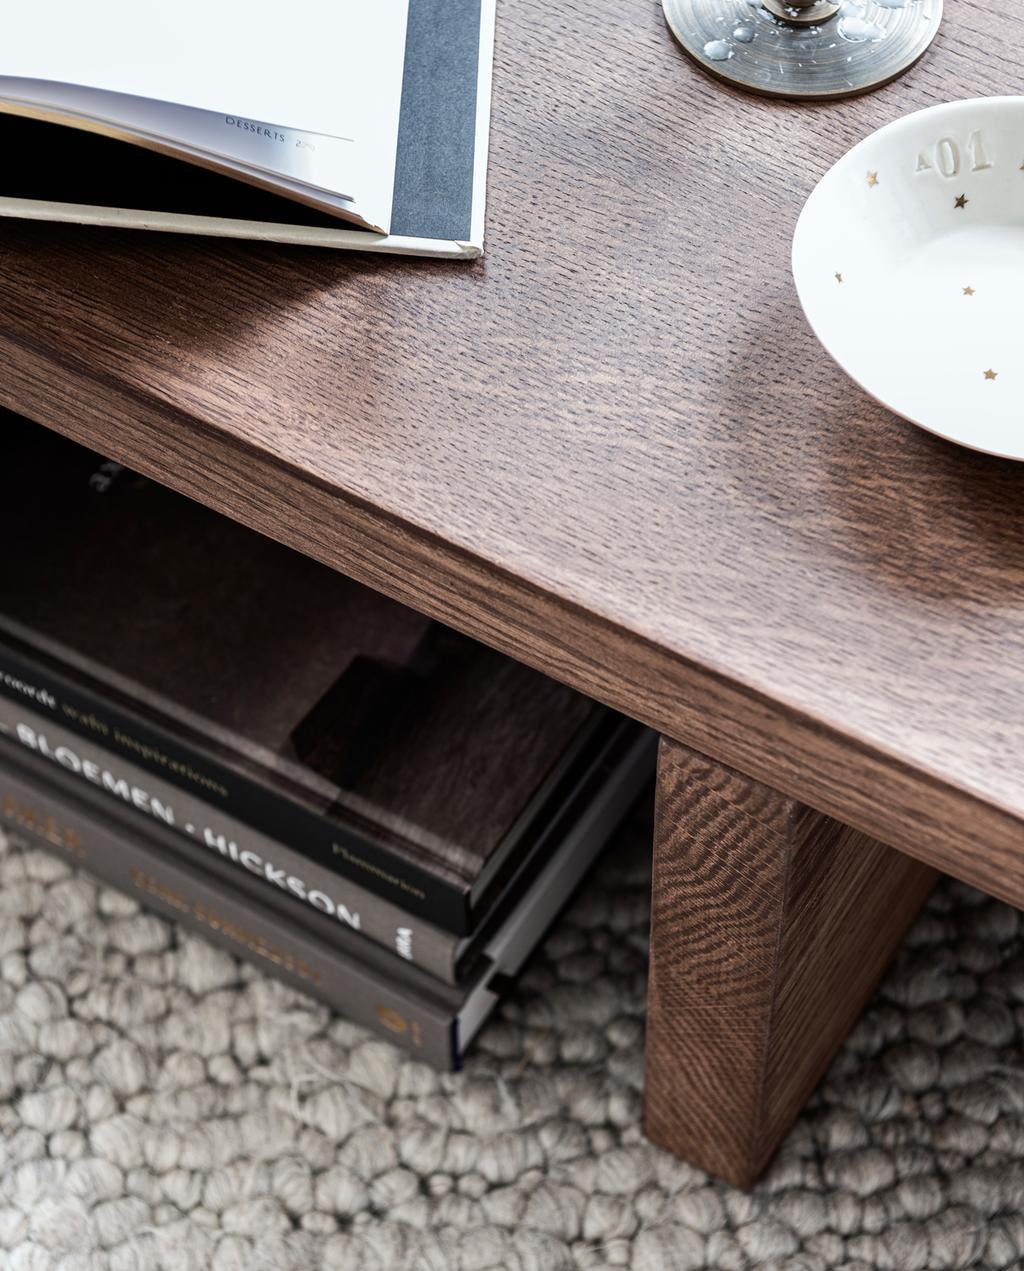 vtwonen 1-2020 | DIY salontafel woonkamer zijaanzicht